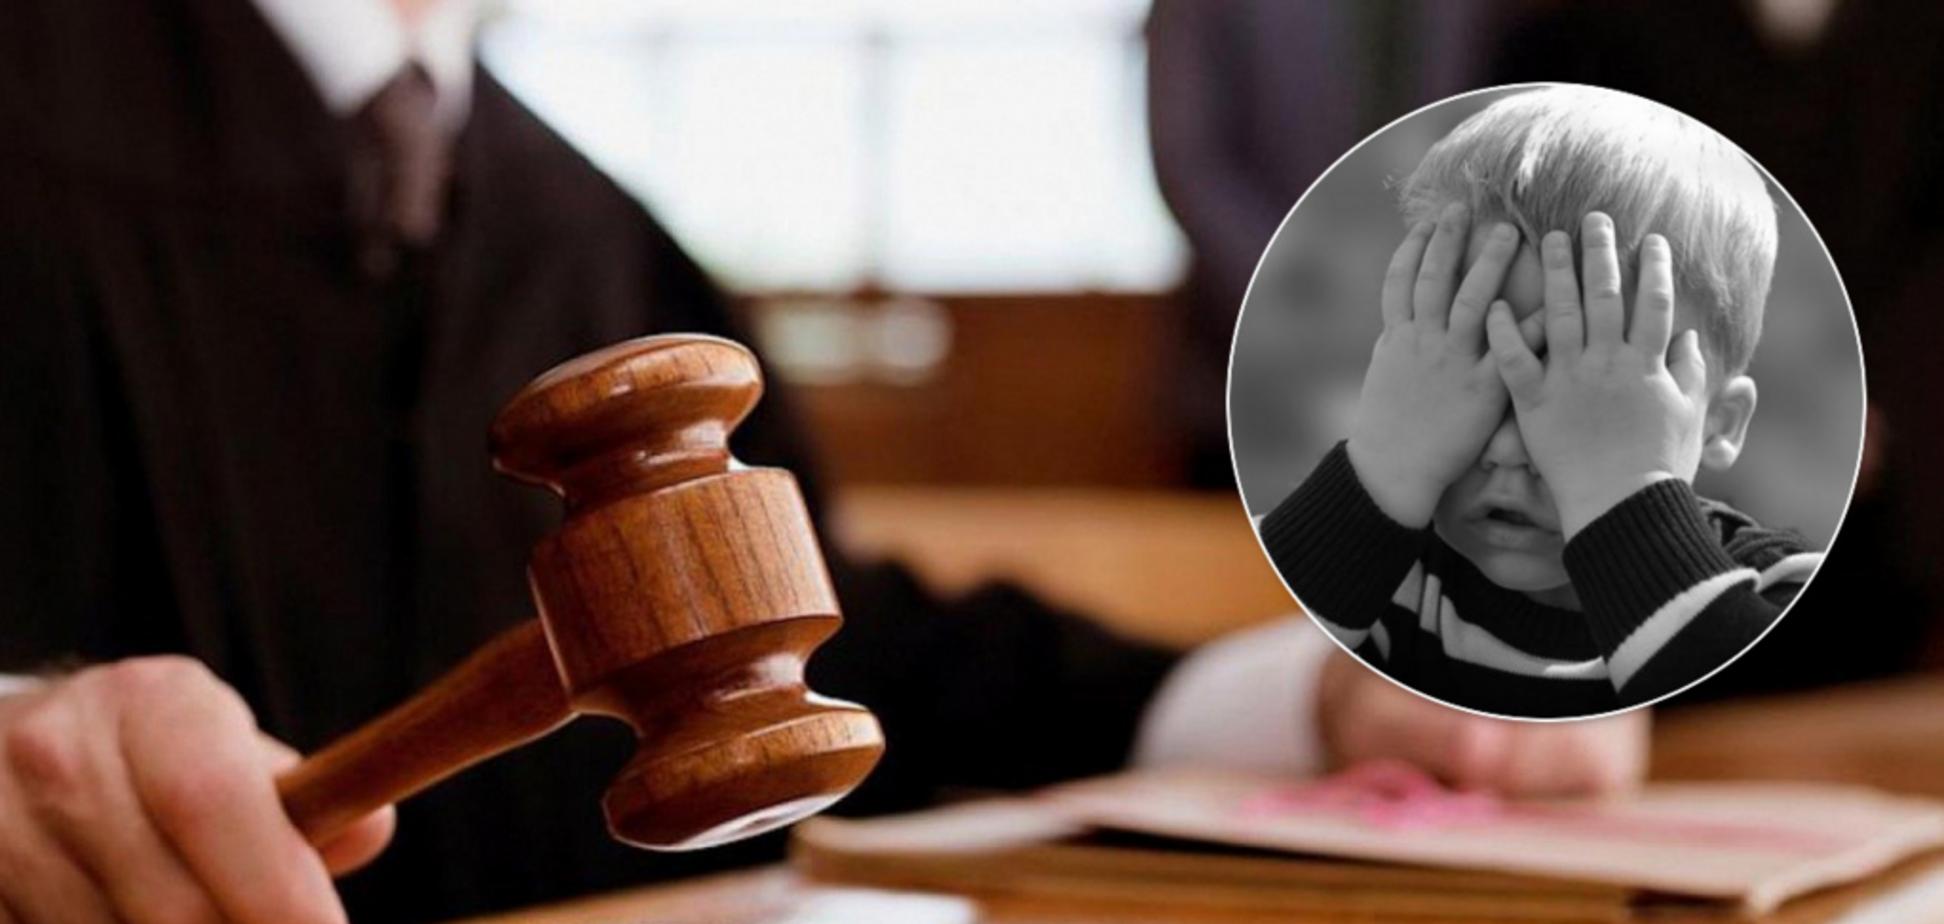 В Киеве суд отпустил насильника, убившего ребенка